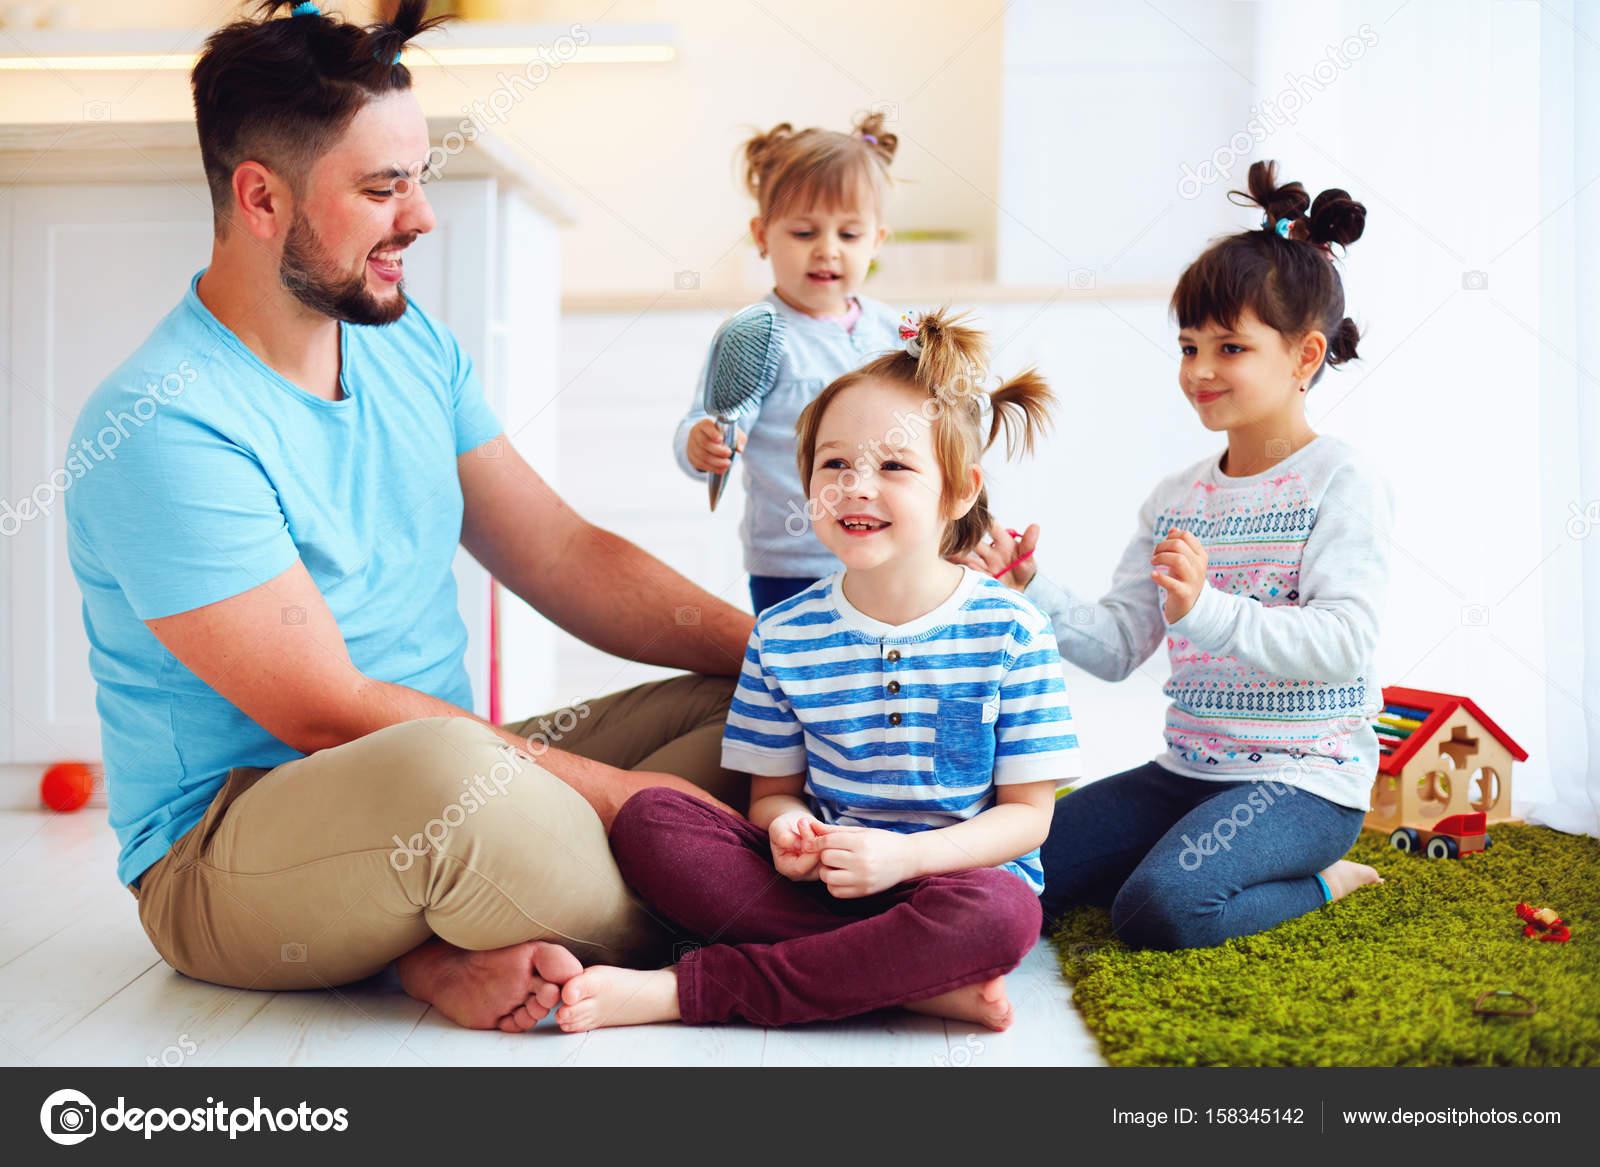 śmiech Ojca Z Dziećmi Co Szalone Fryzury W Domu Zdjęcie